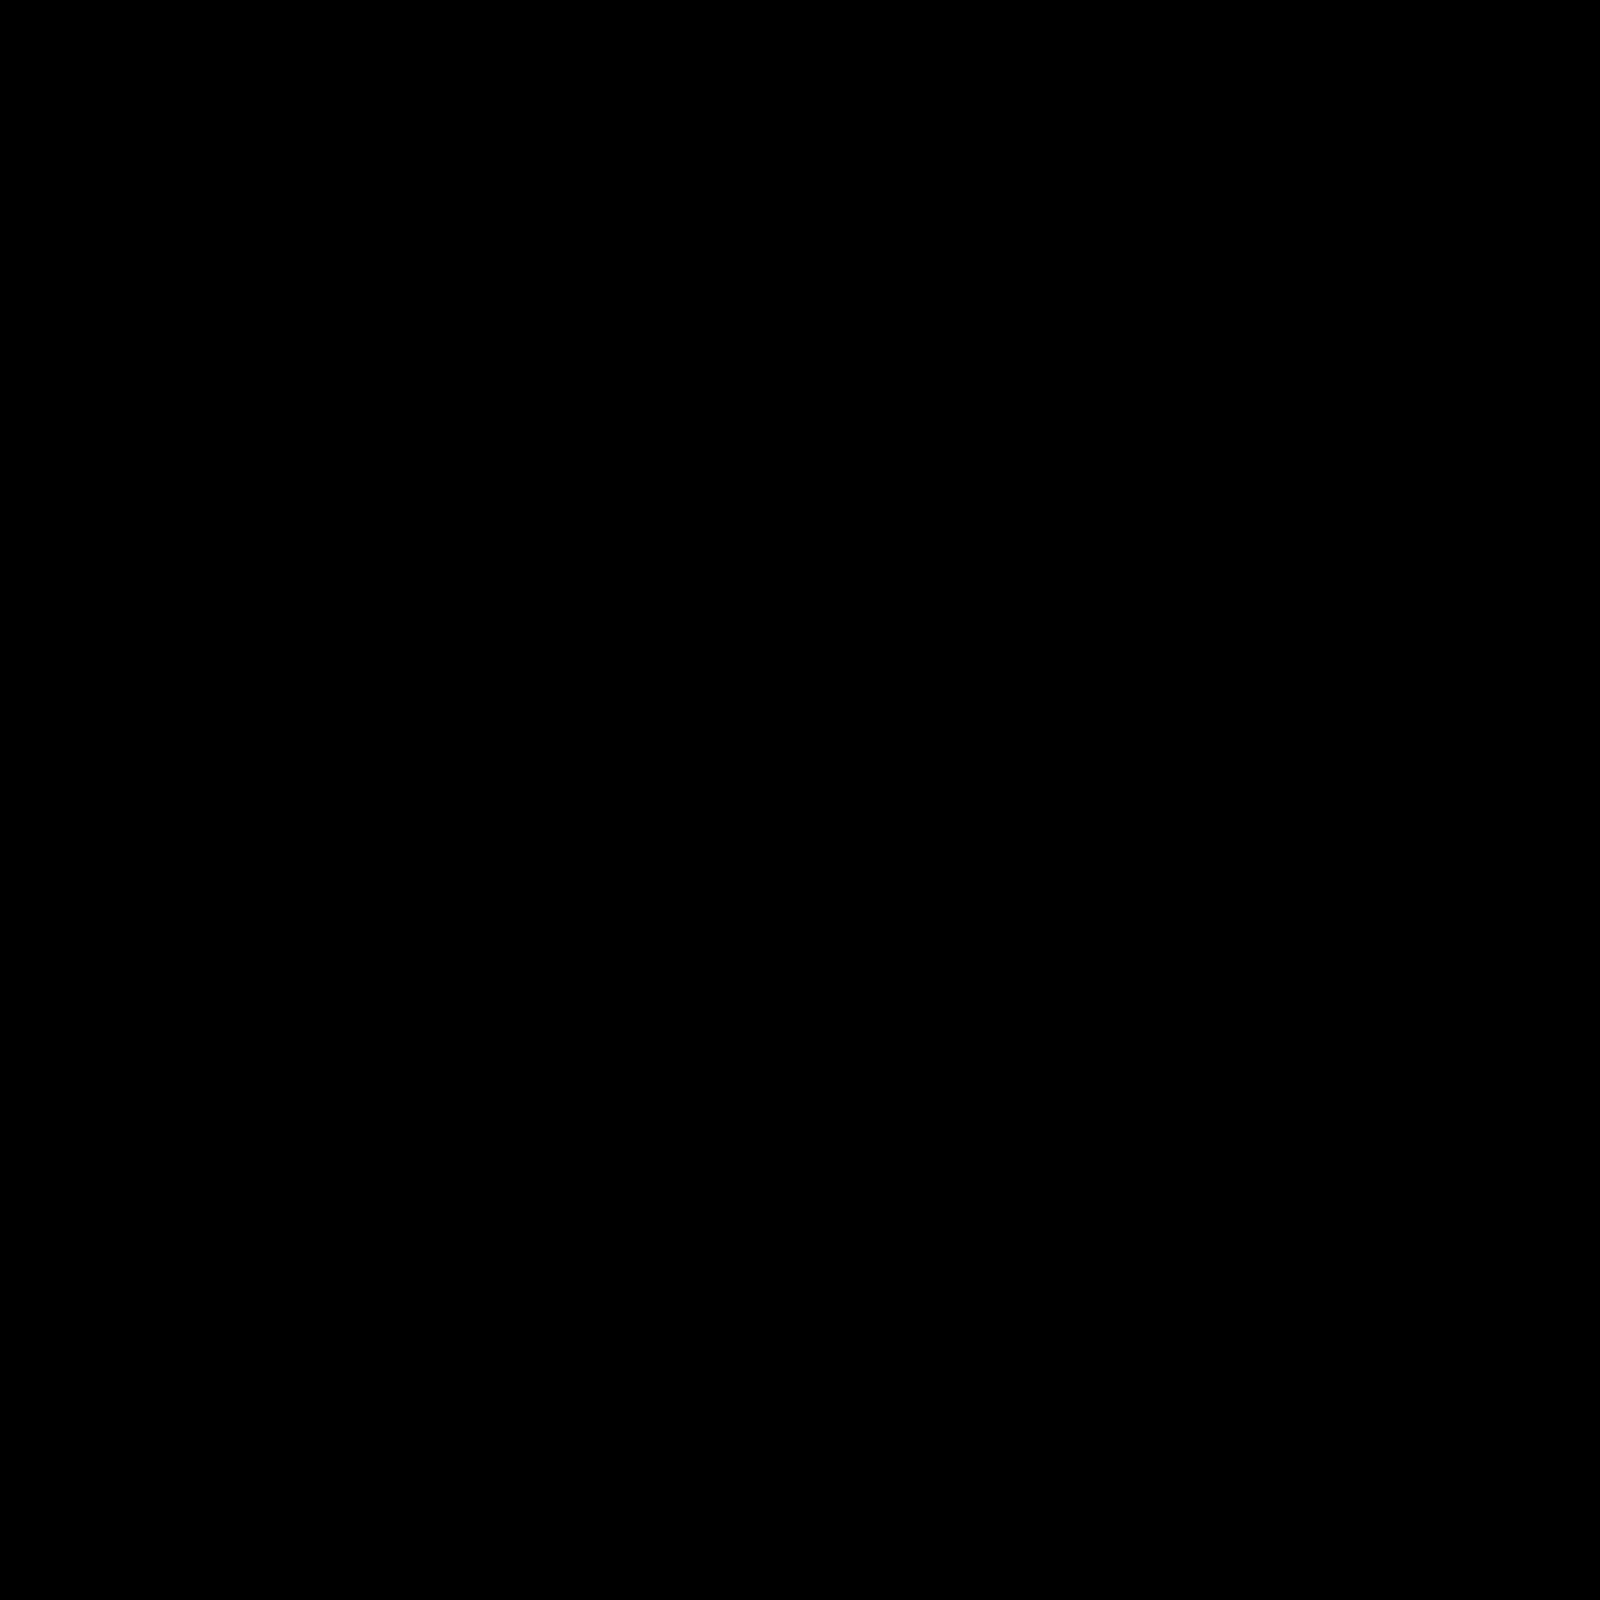 Tesla logo PNG images free download.